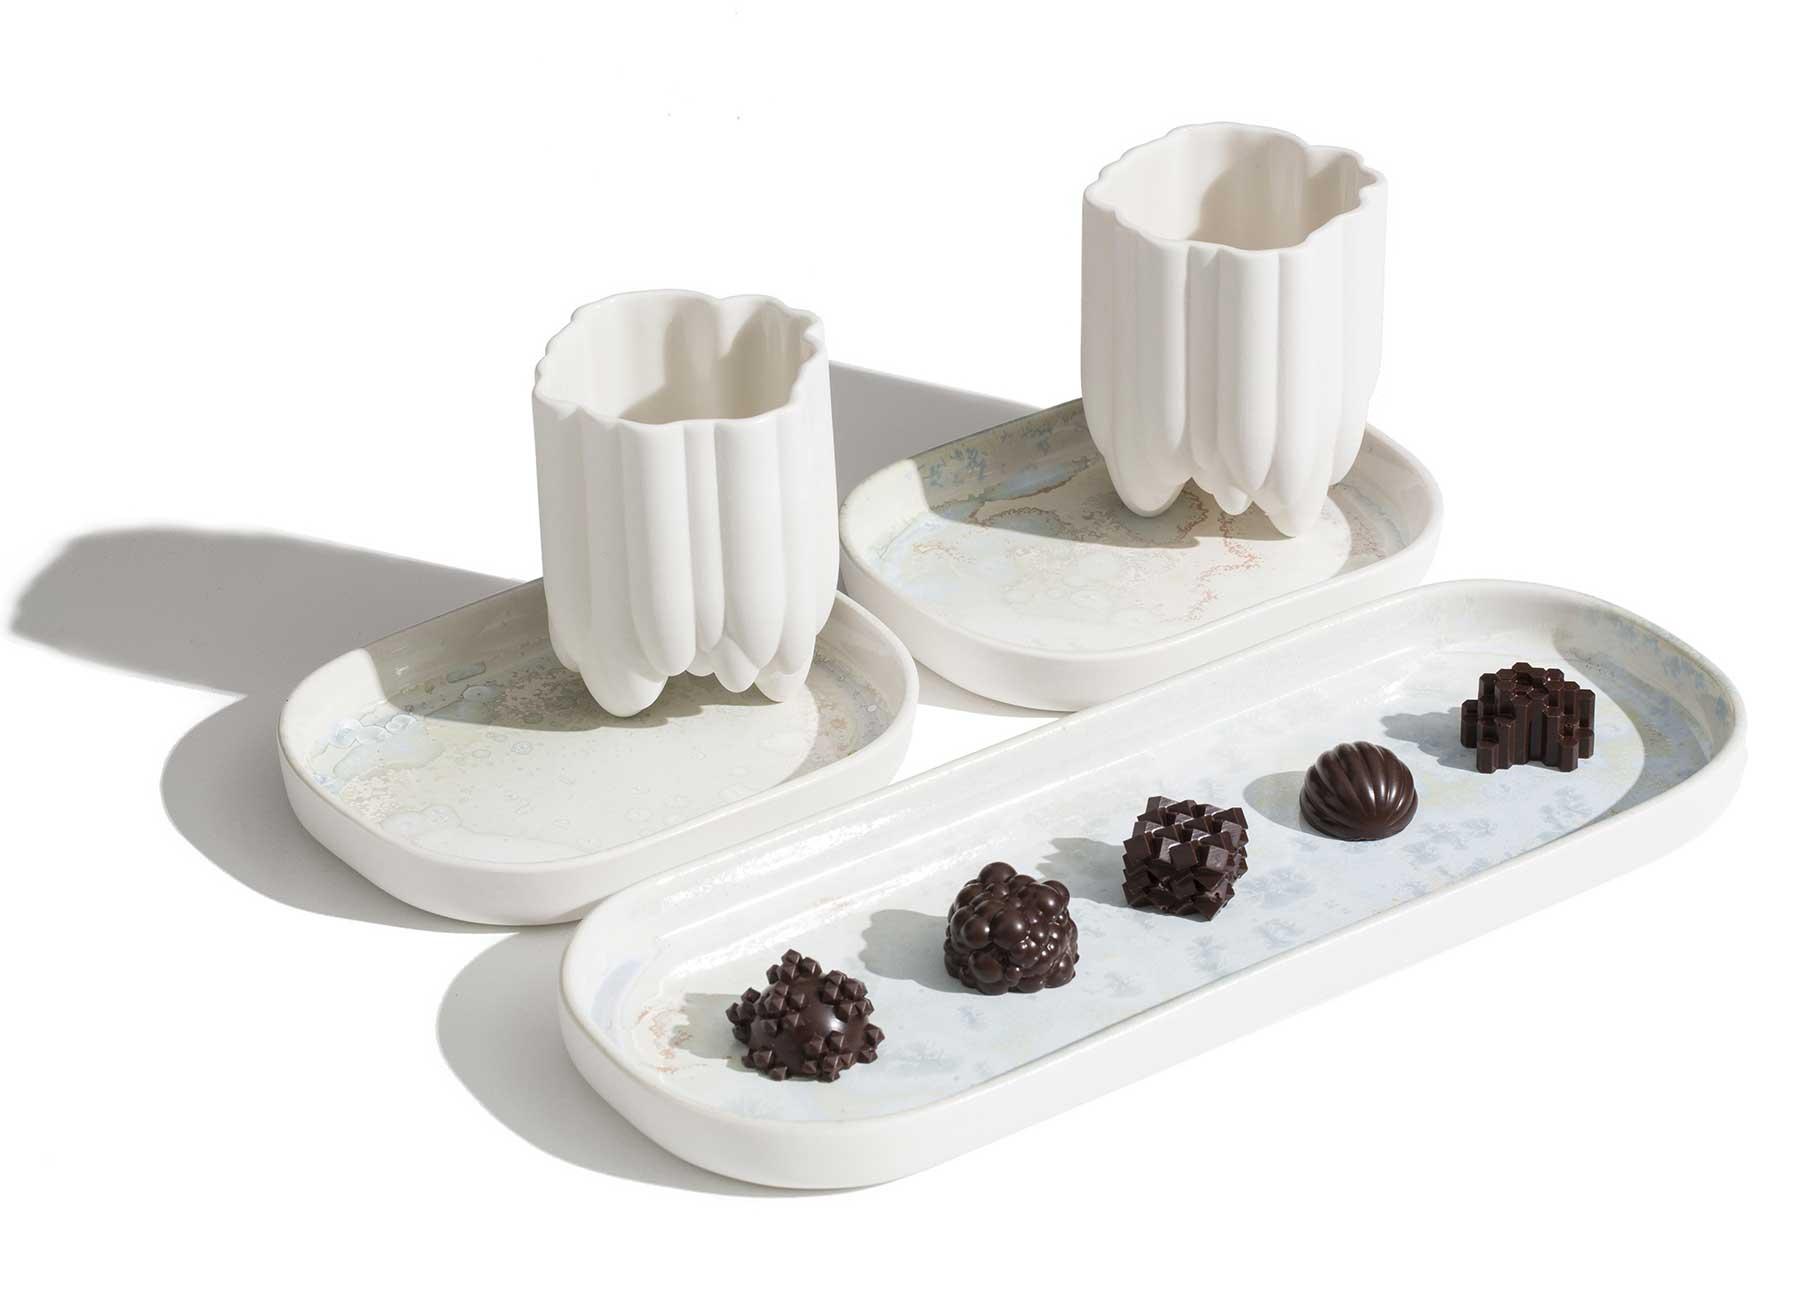 3D-gedruckte Schokoladen-Miniaturskulpturen 3d-gedruckte-schokolade-Ryan-L-Foote_08